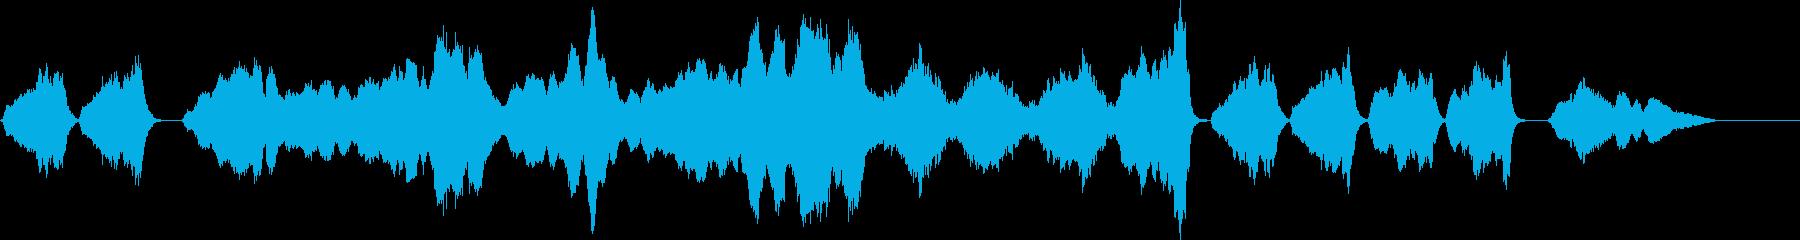 オーケストラ 悲しみにくれる曲 弦のみの再生済みの波形